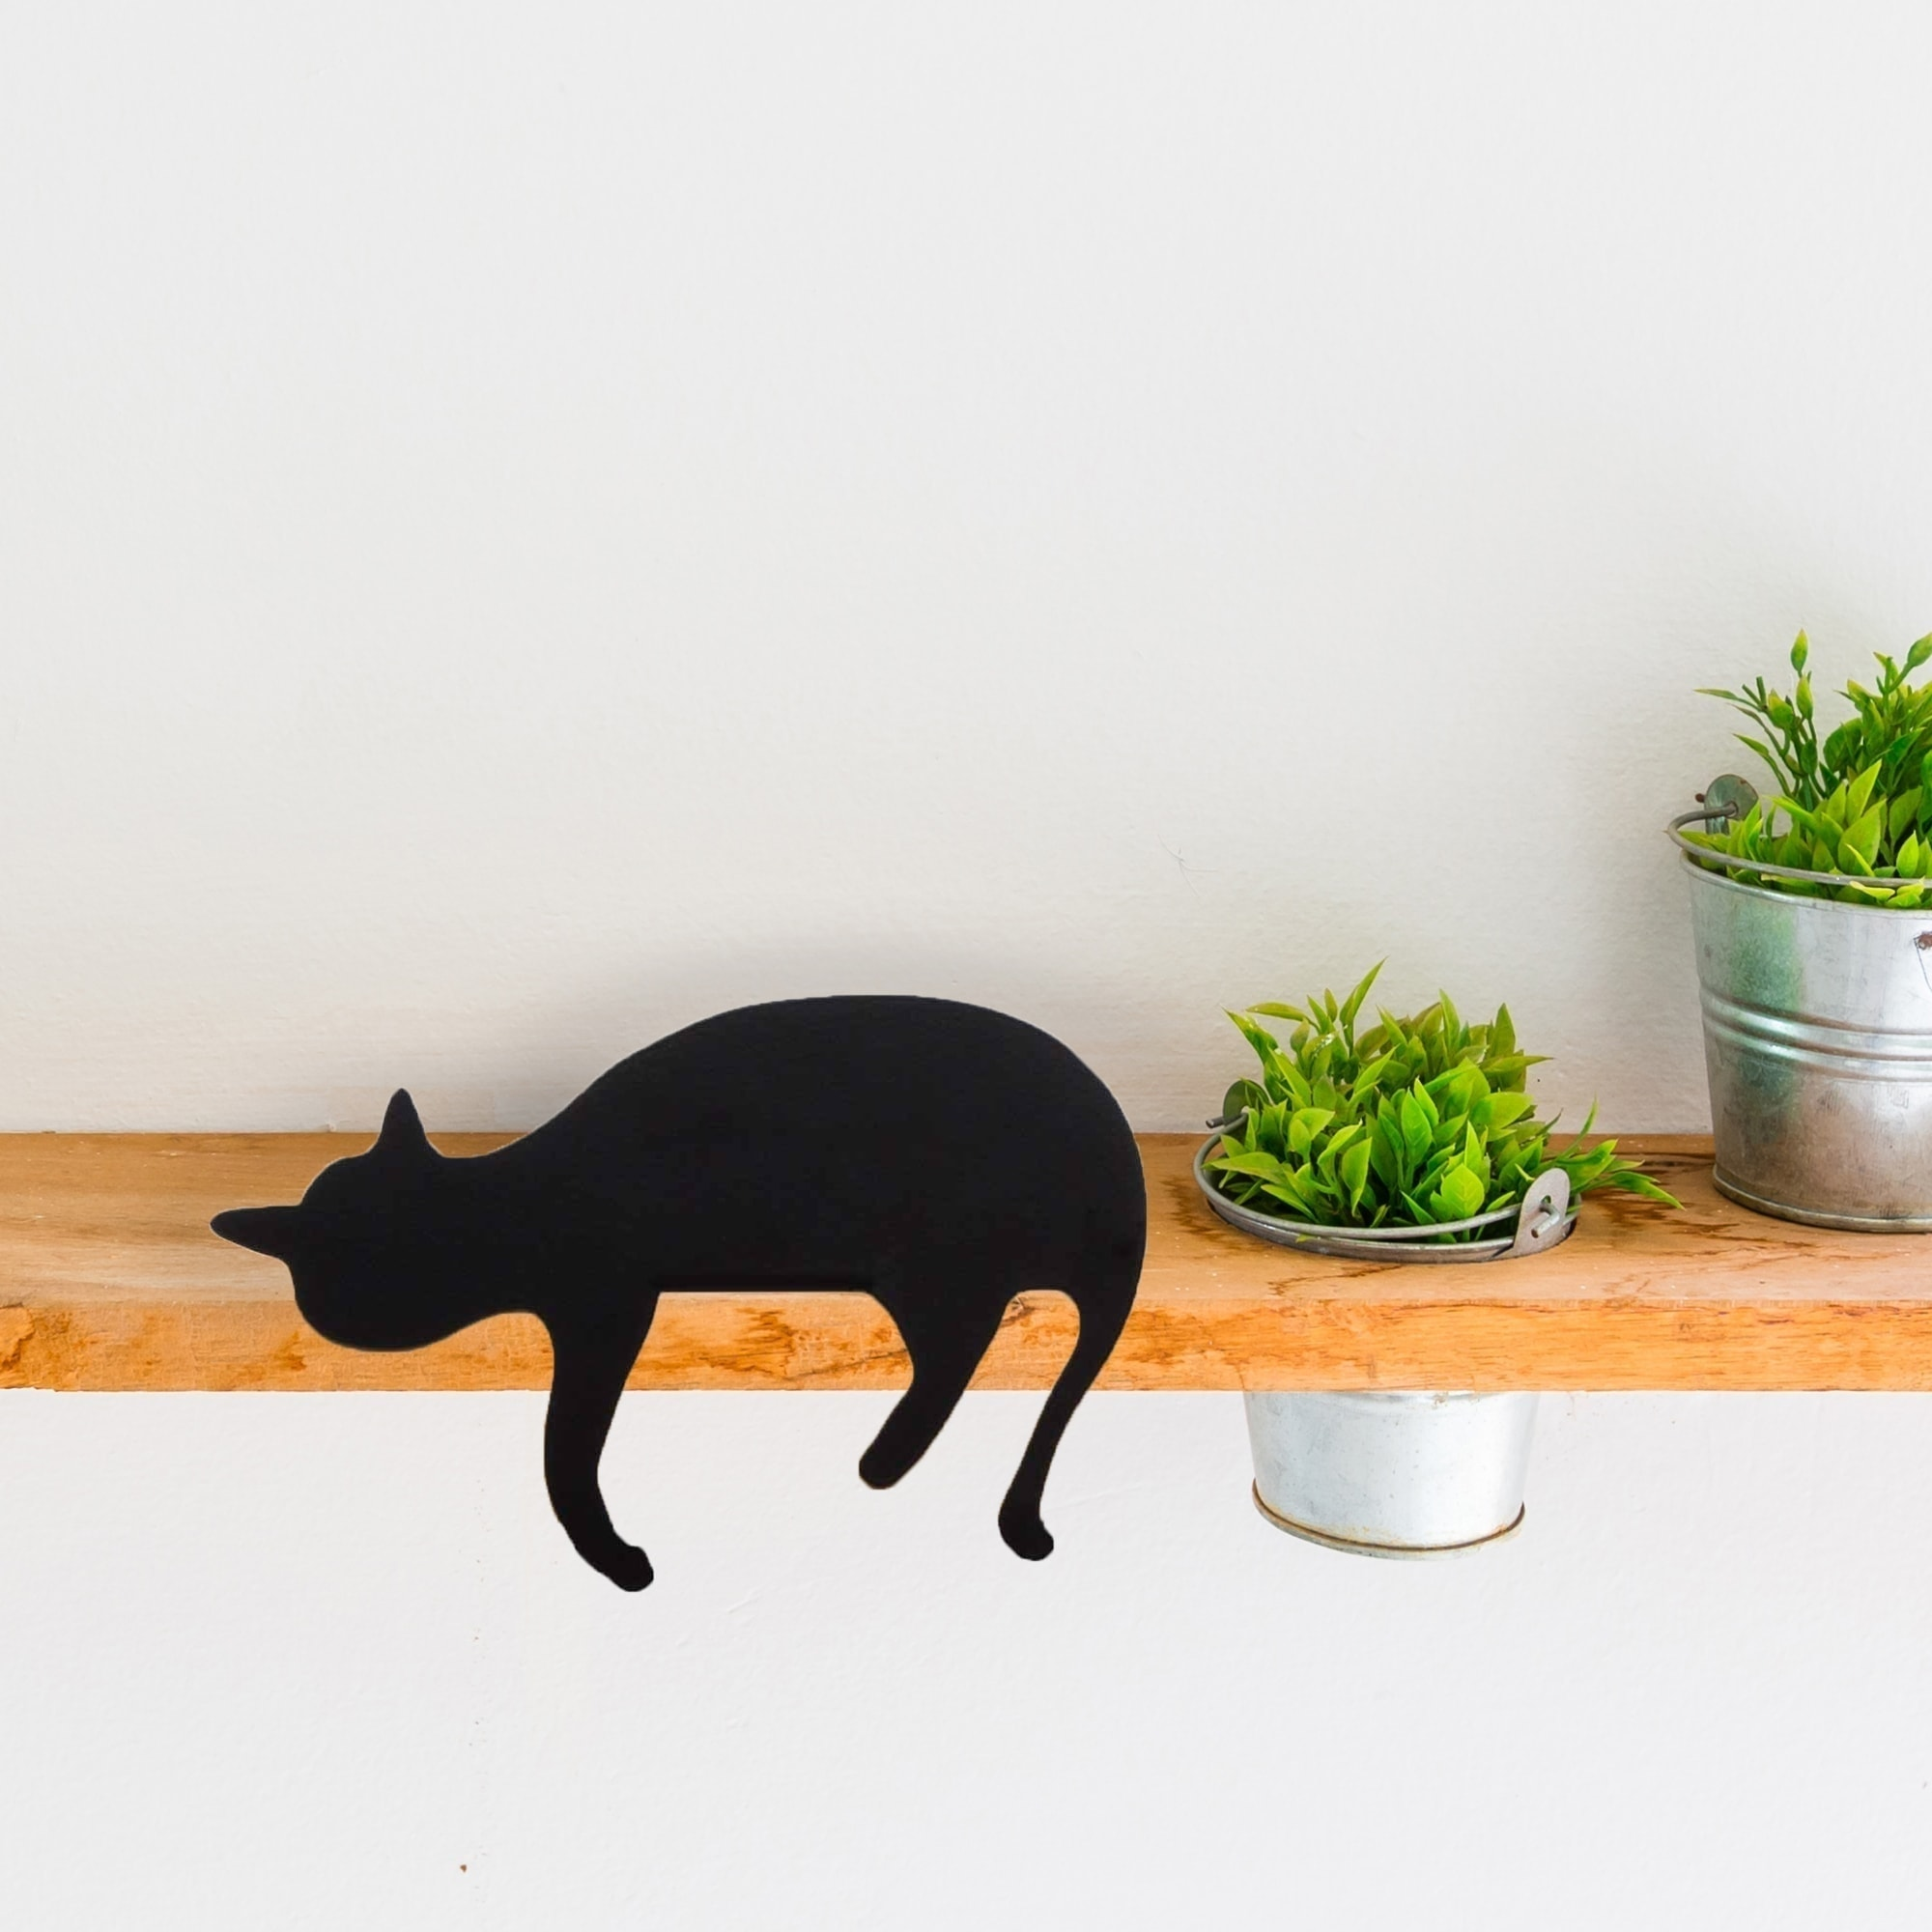 אוסקר - פסלון חתול למדף